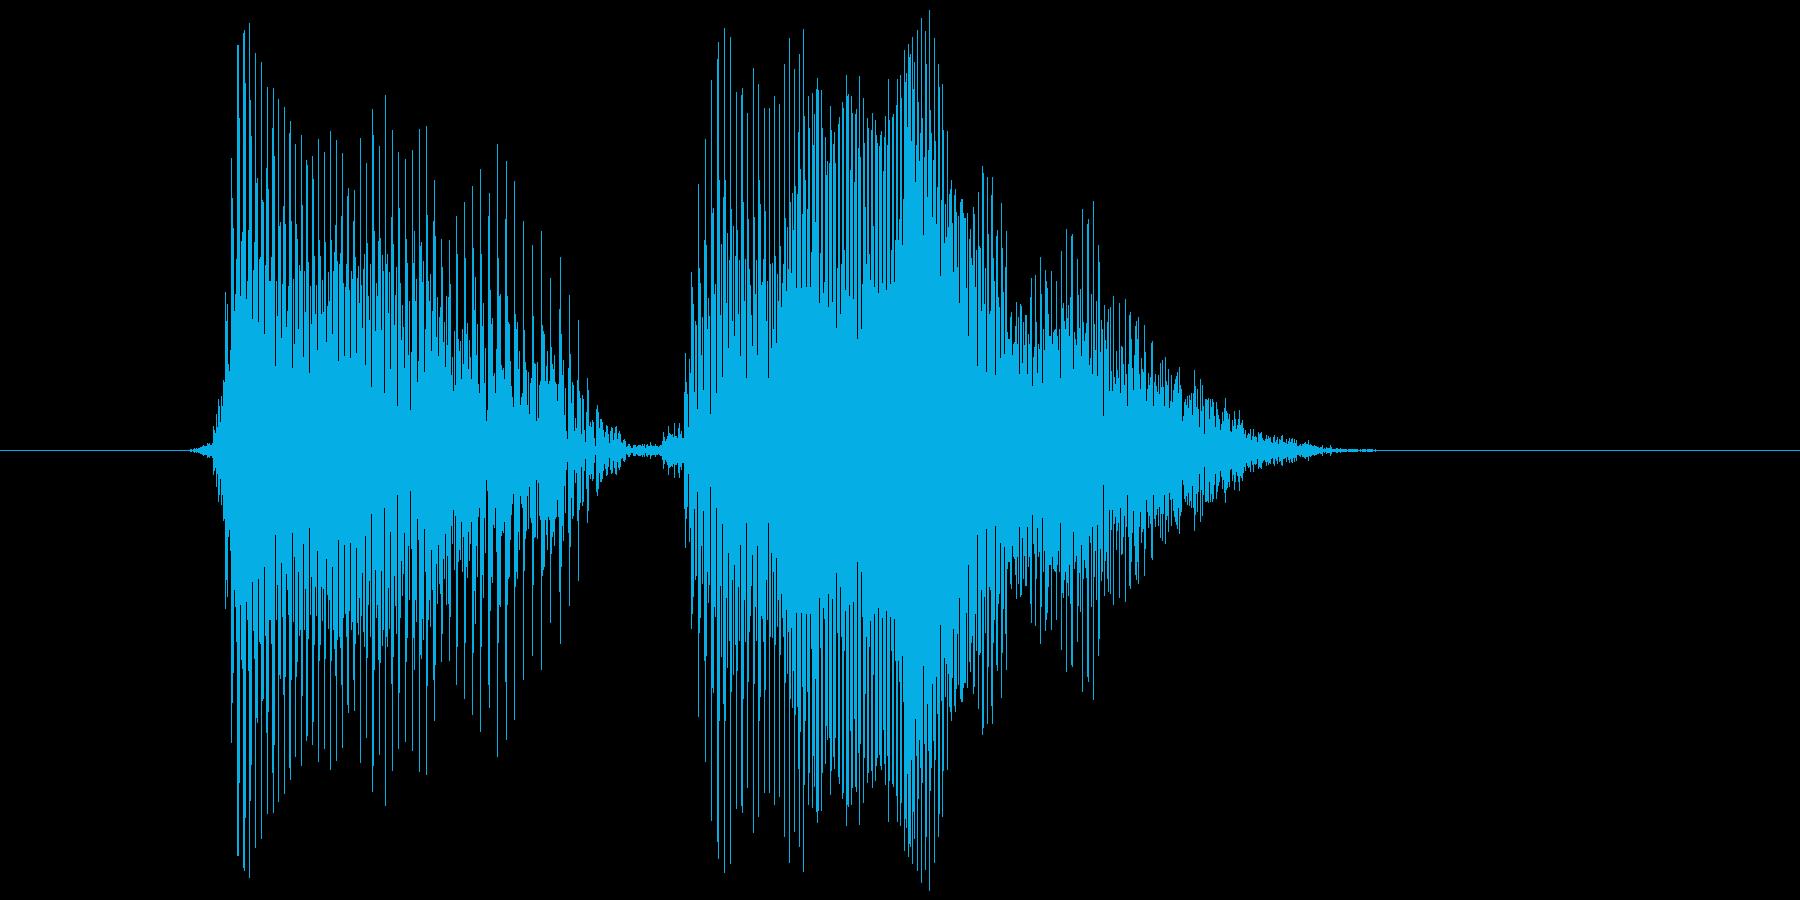 「ドヤドヤ」の再生済みの波形